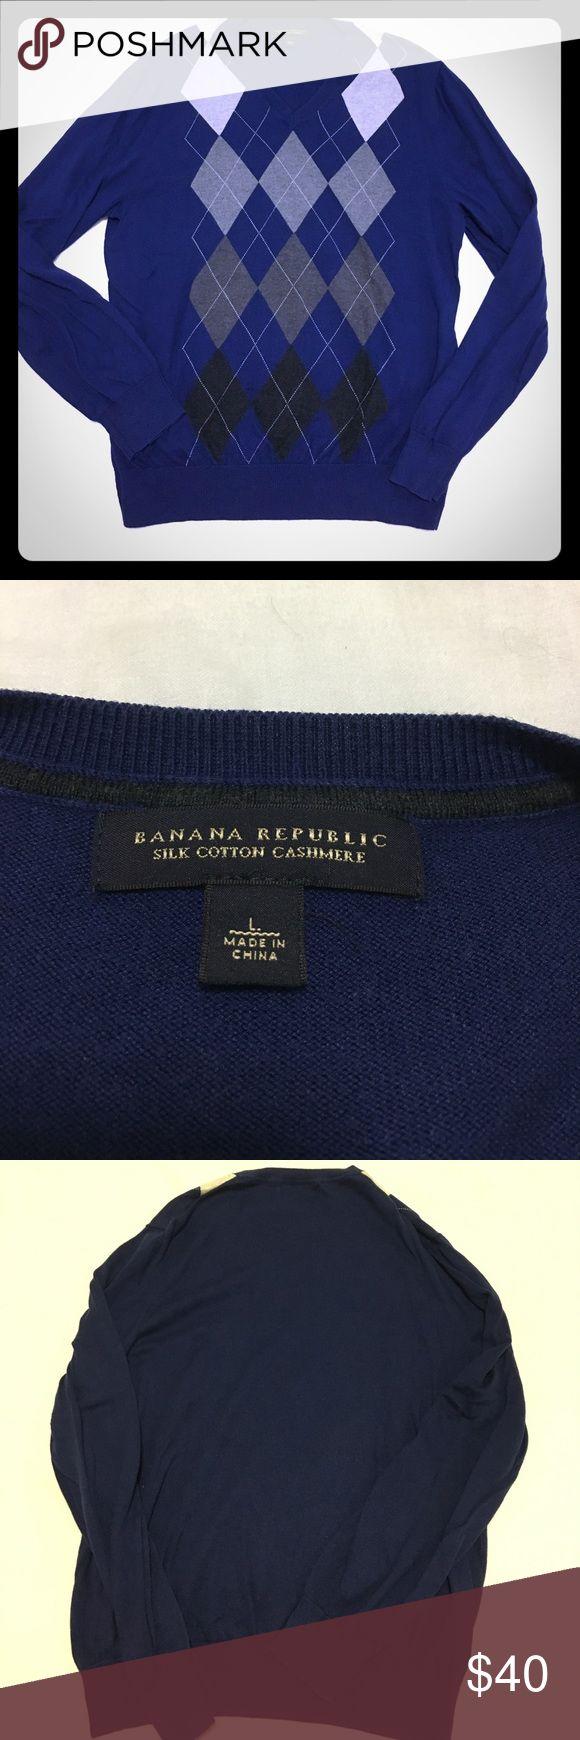 Men's Banana Republic blue argyle cashmere sweater Men's Banana Republic blue argyle cashmere sweater size large. Banana Republic Sweaters Turtleneck